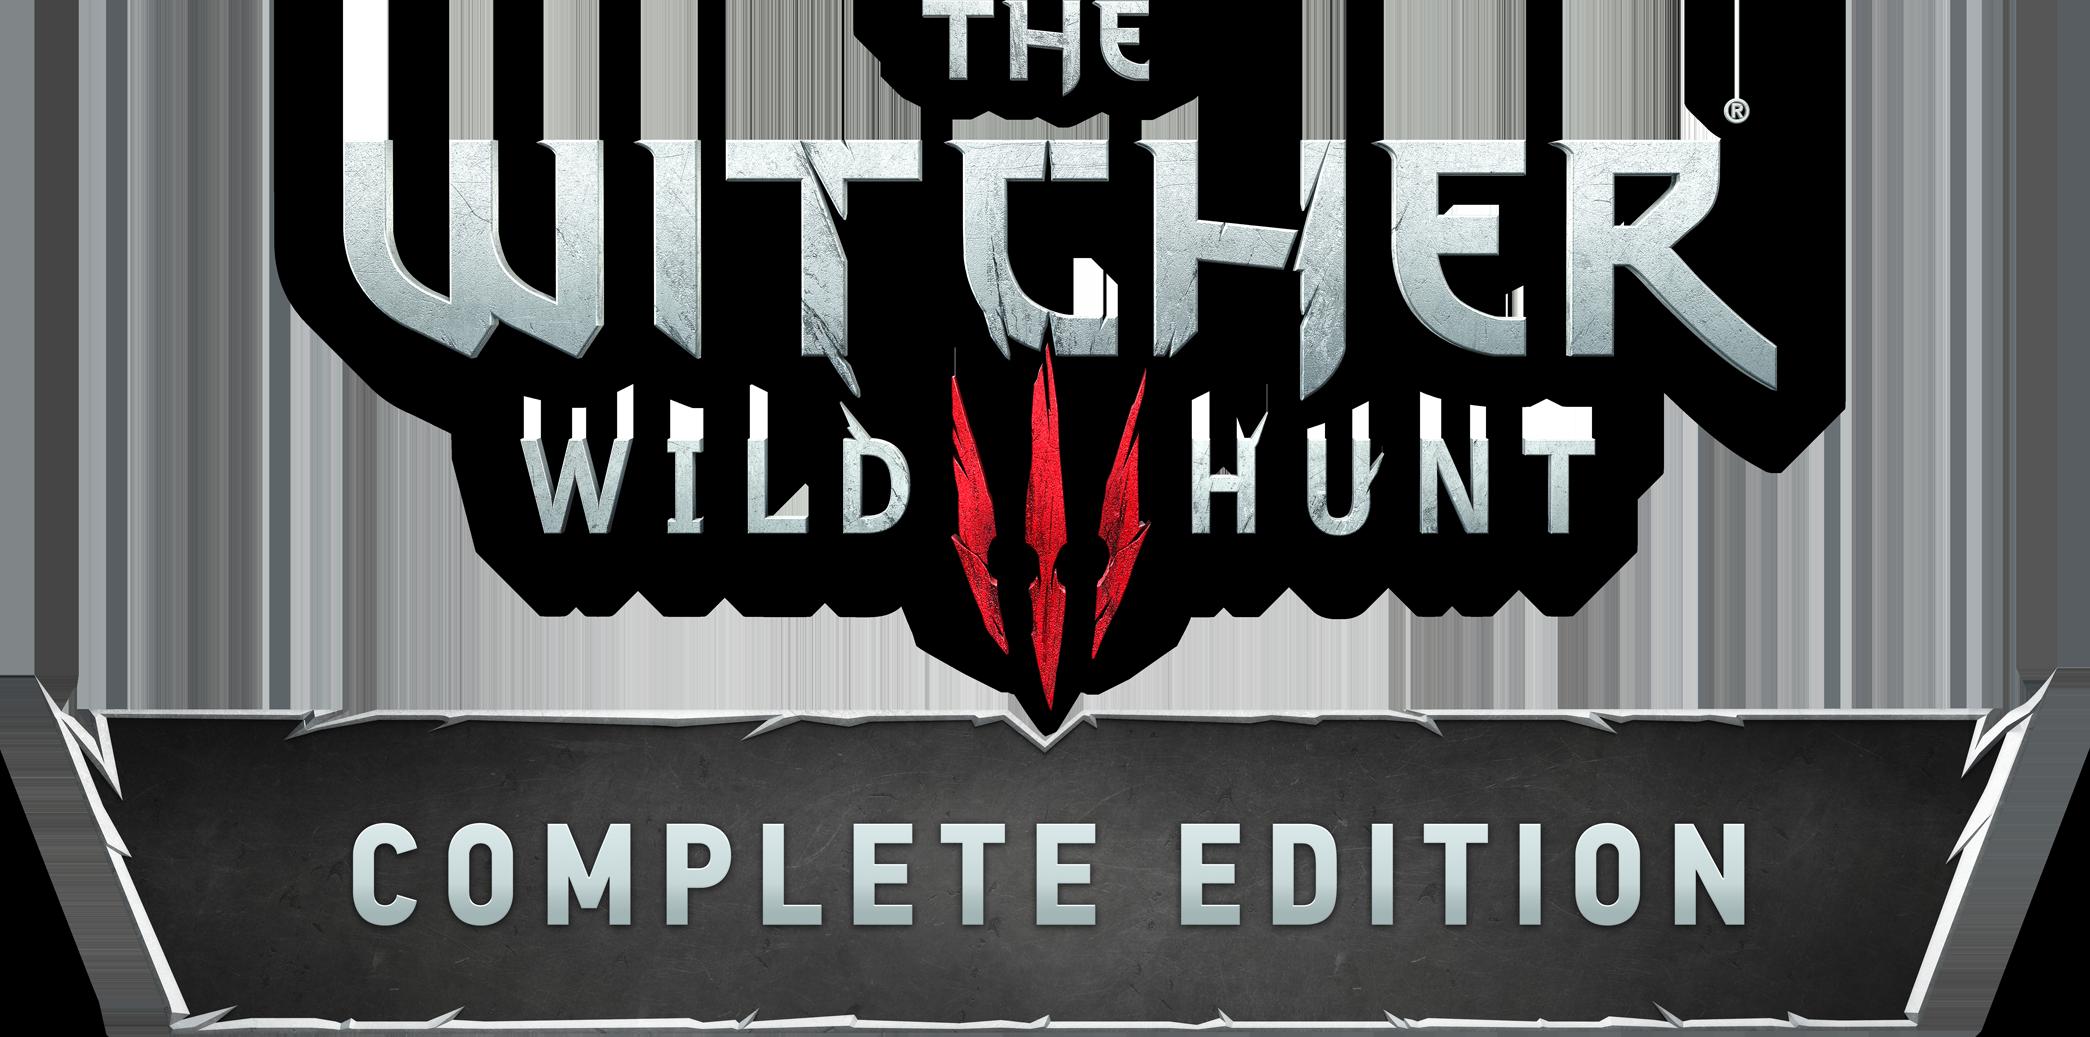 ウィッチャー3 ワイルドハント コンプリートエディション